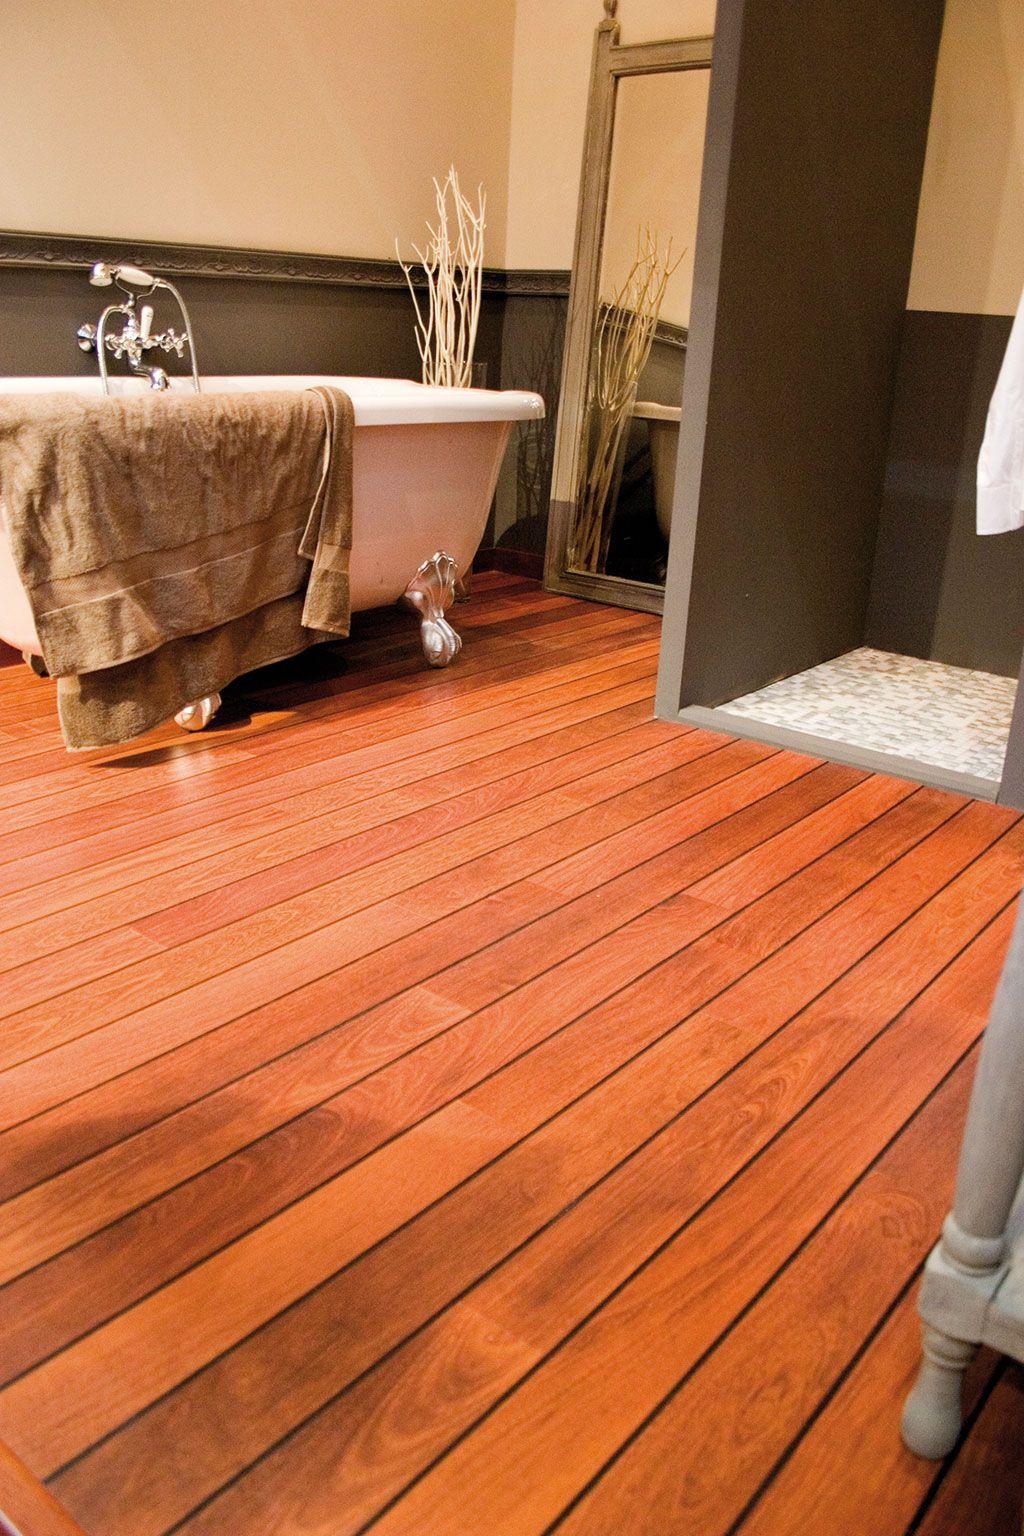 QuickStep Lagune Merbau Shipdeck UR Laminate Flooring - Quick step lagune bathroom laminate flooring